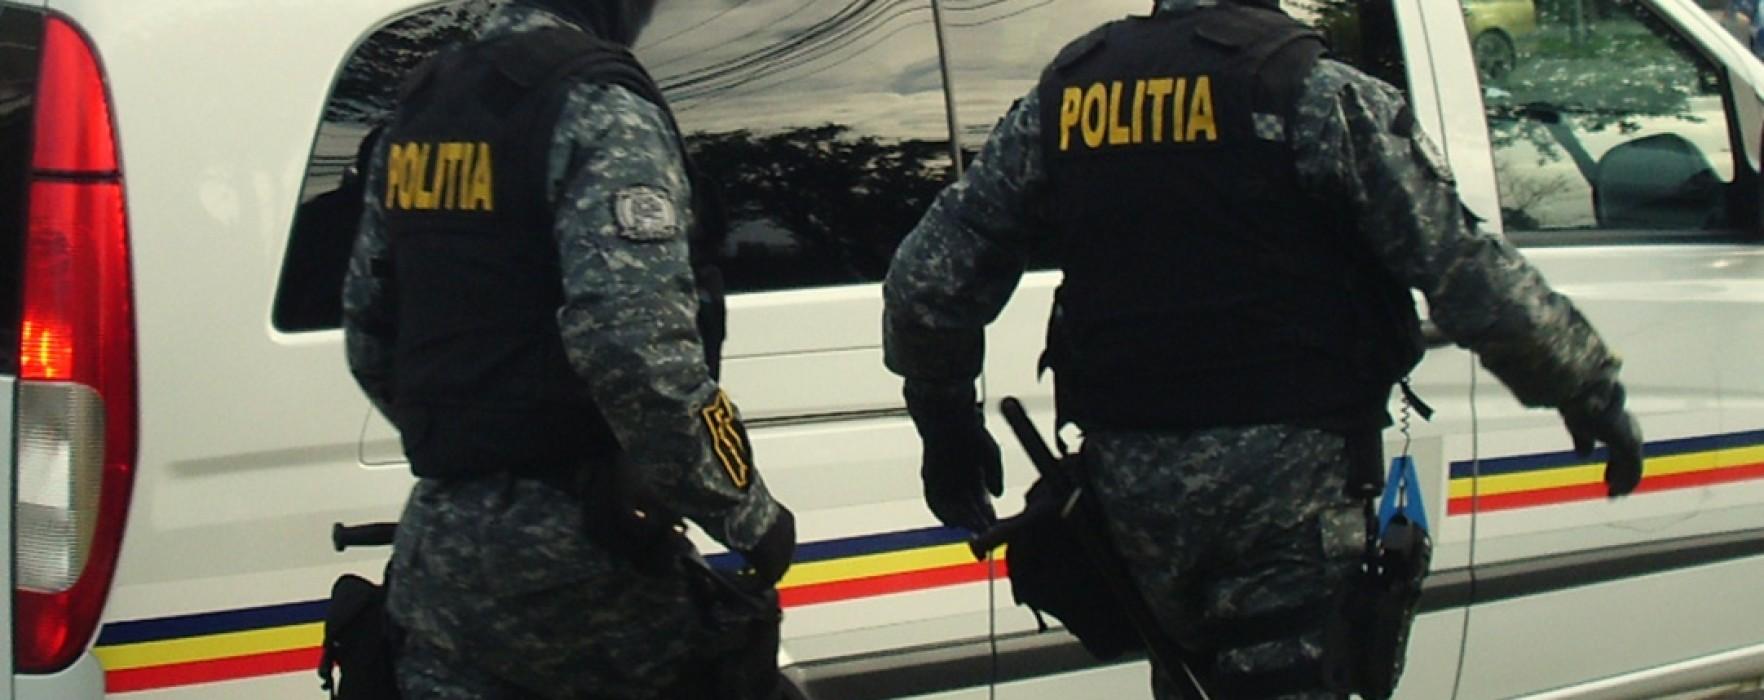 Dâmboviţa: Percheziţii la persoane bănuite de şantaj, abuz în serviciu şi infracţiuni conexe actelor de corupţie